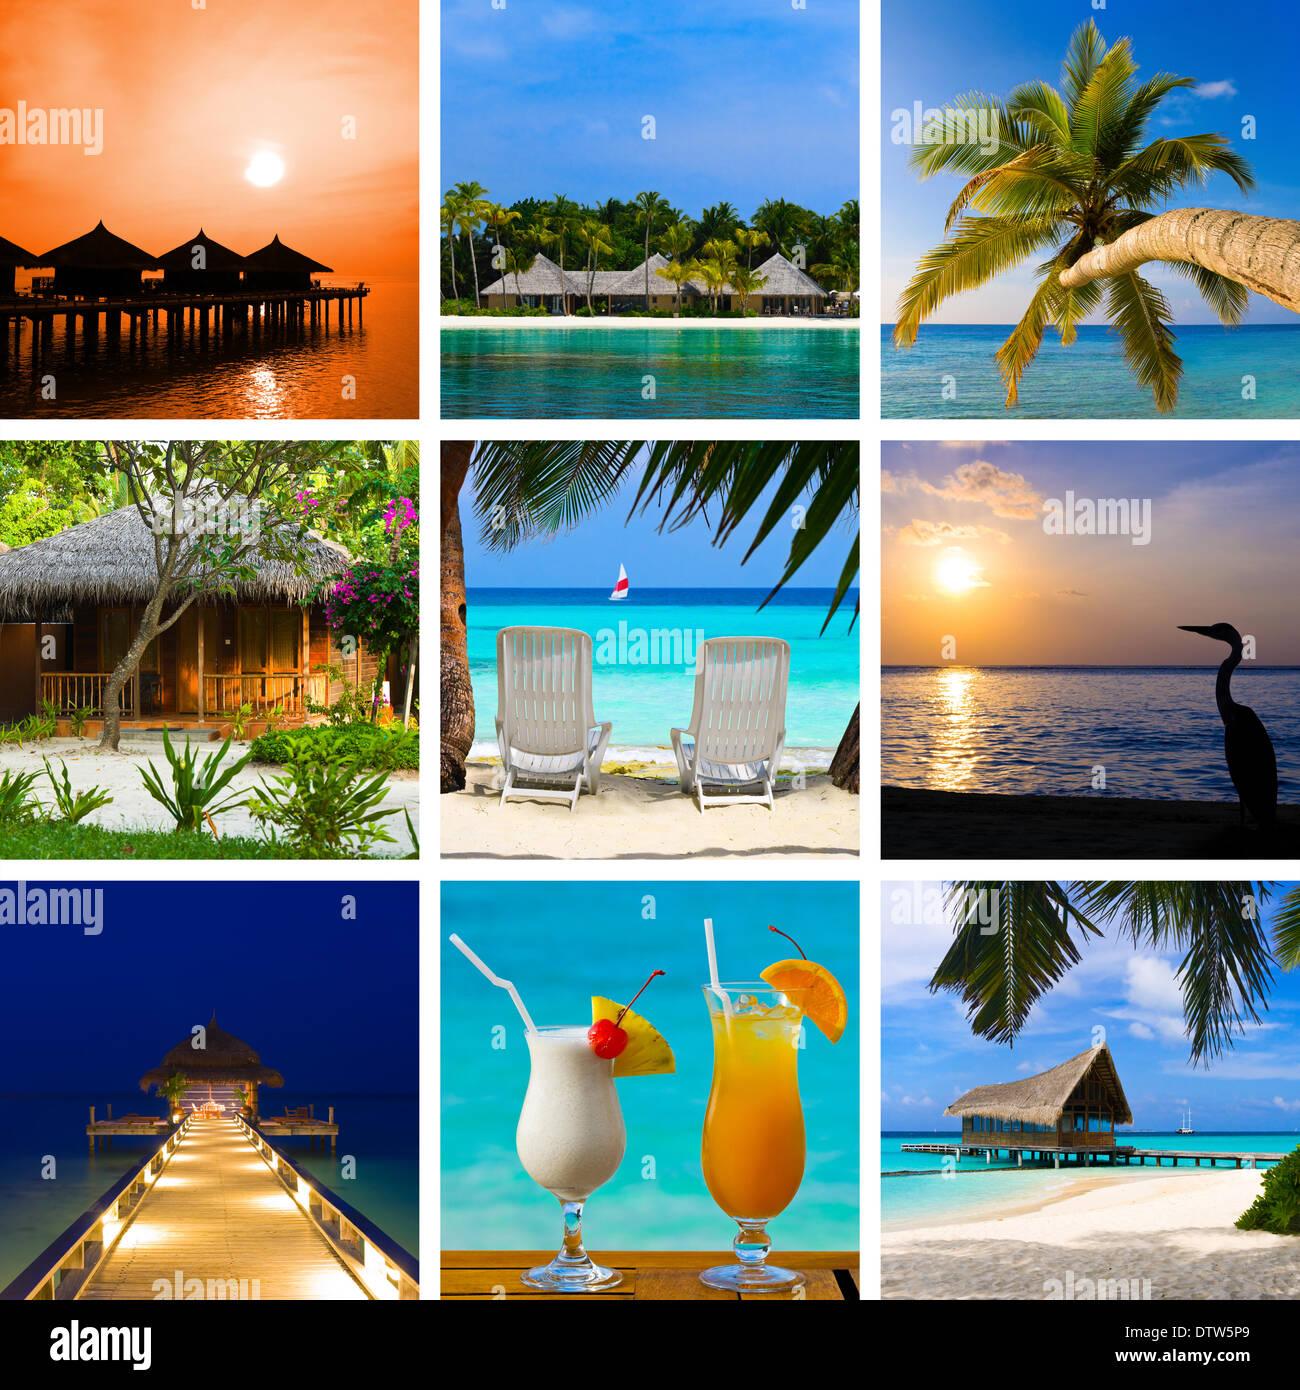 Collage d'images maldives plage d'été Photo Stock